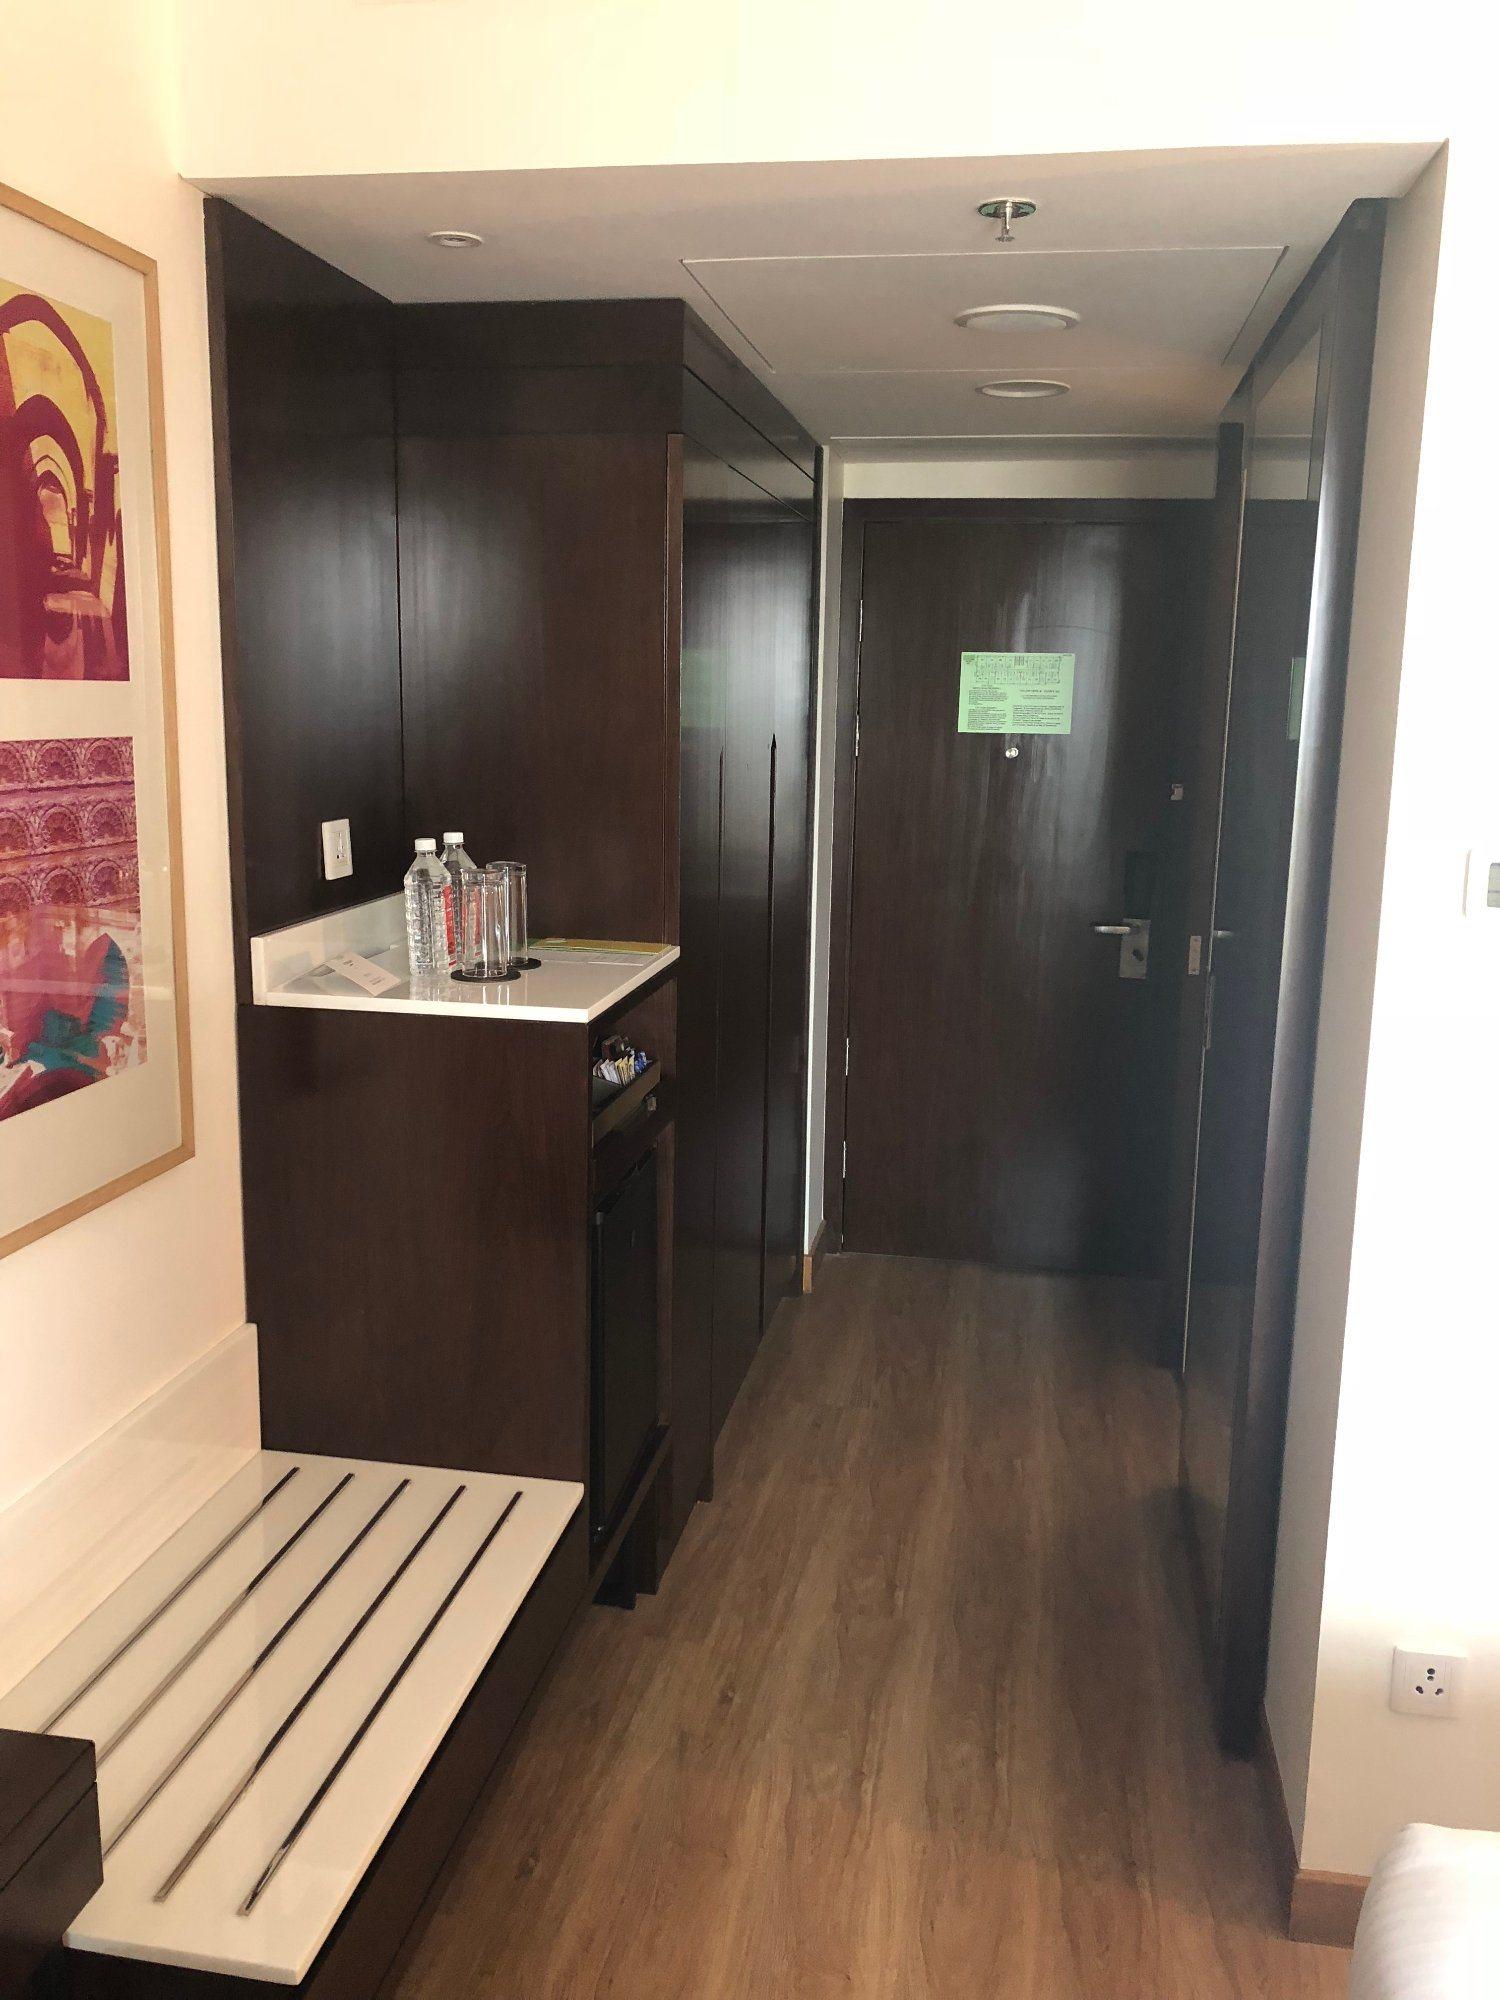 Hotel Furniturehotel Bedroom Furnituremarriott Hotel Furniturehotel King Bedroom Furniture (Bmh 001)